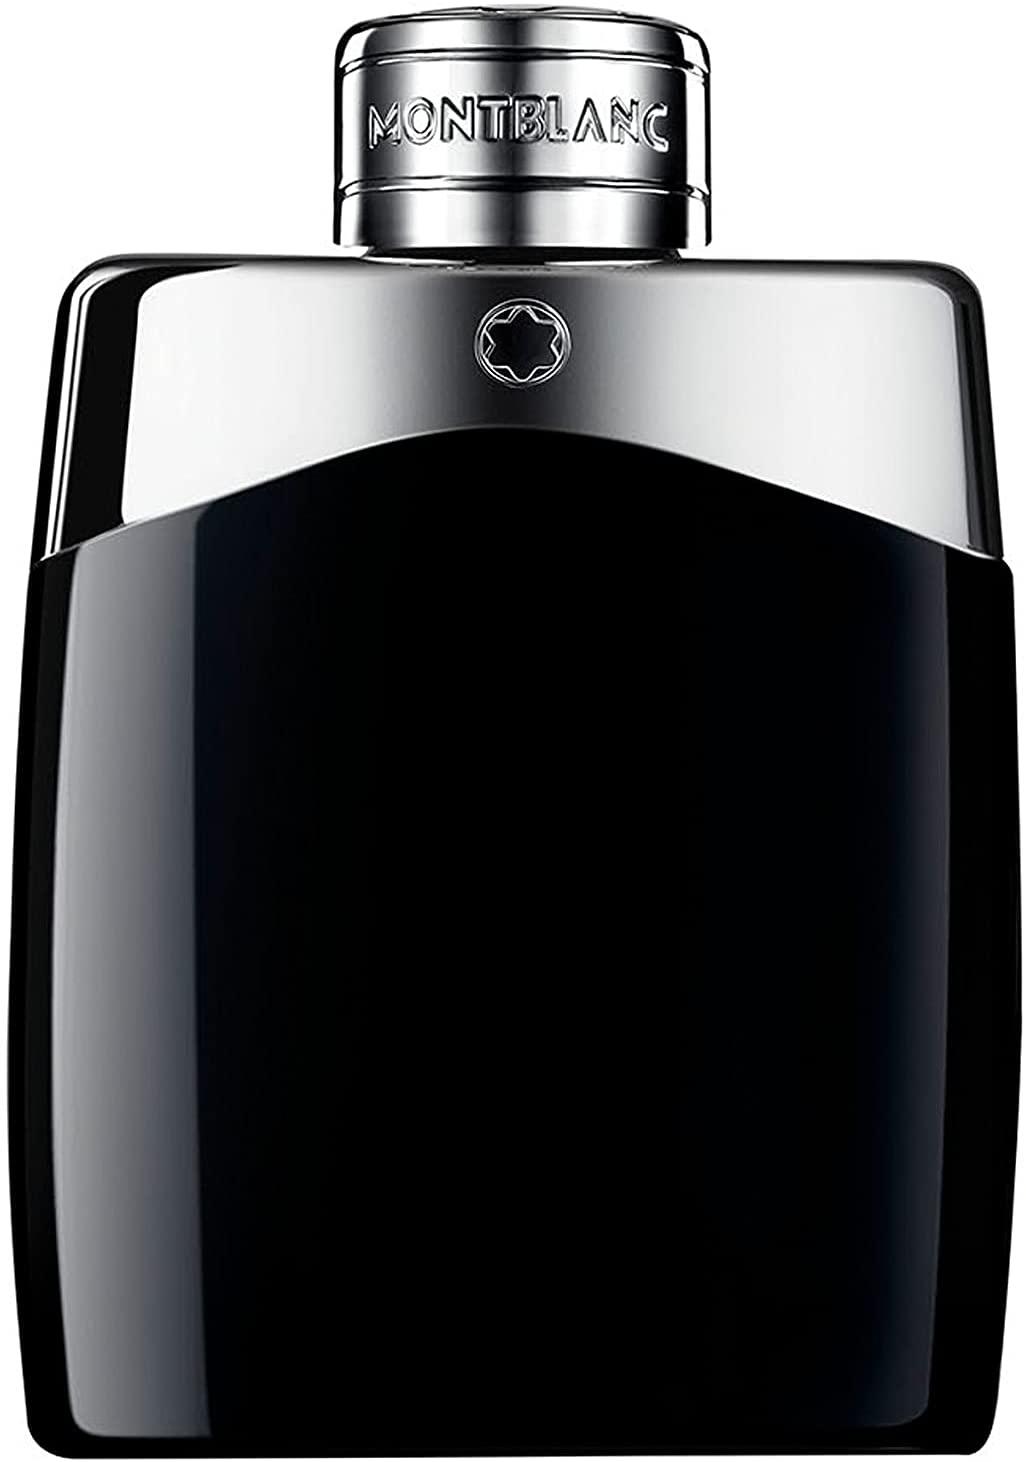 Montblanc Legend Eau de Toilette 100ml - £24.80 @ Amazon